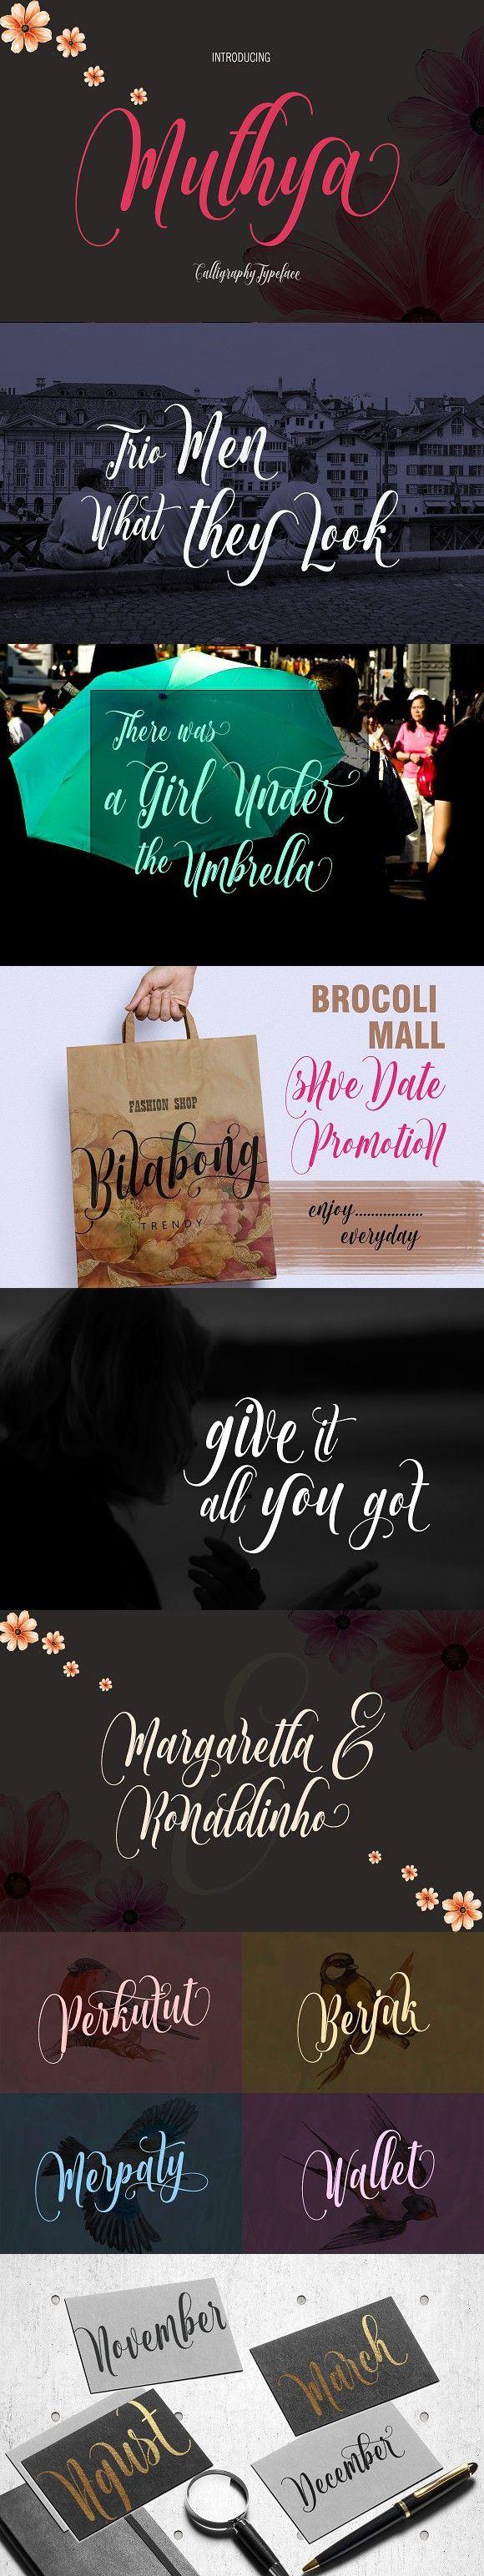 cursive fonts for wedding cards%0A Script Fonts